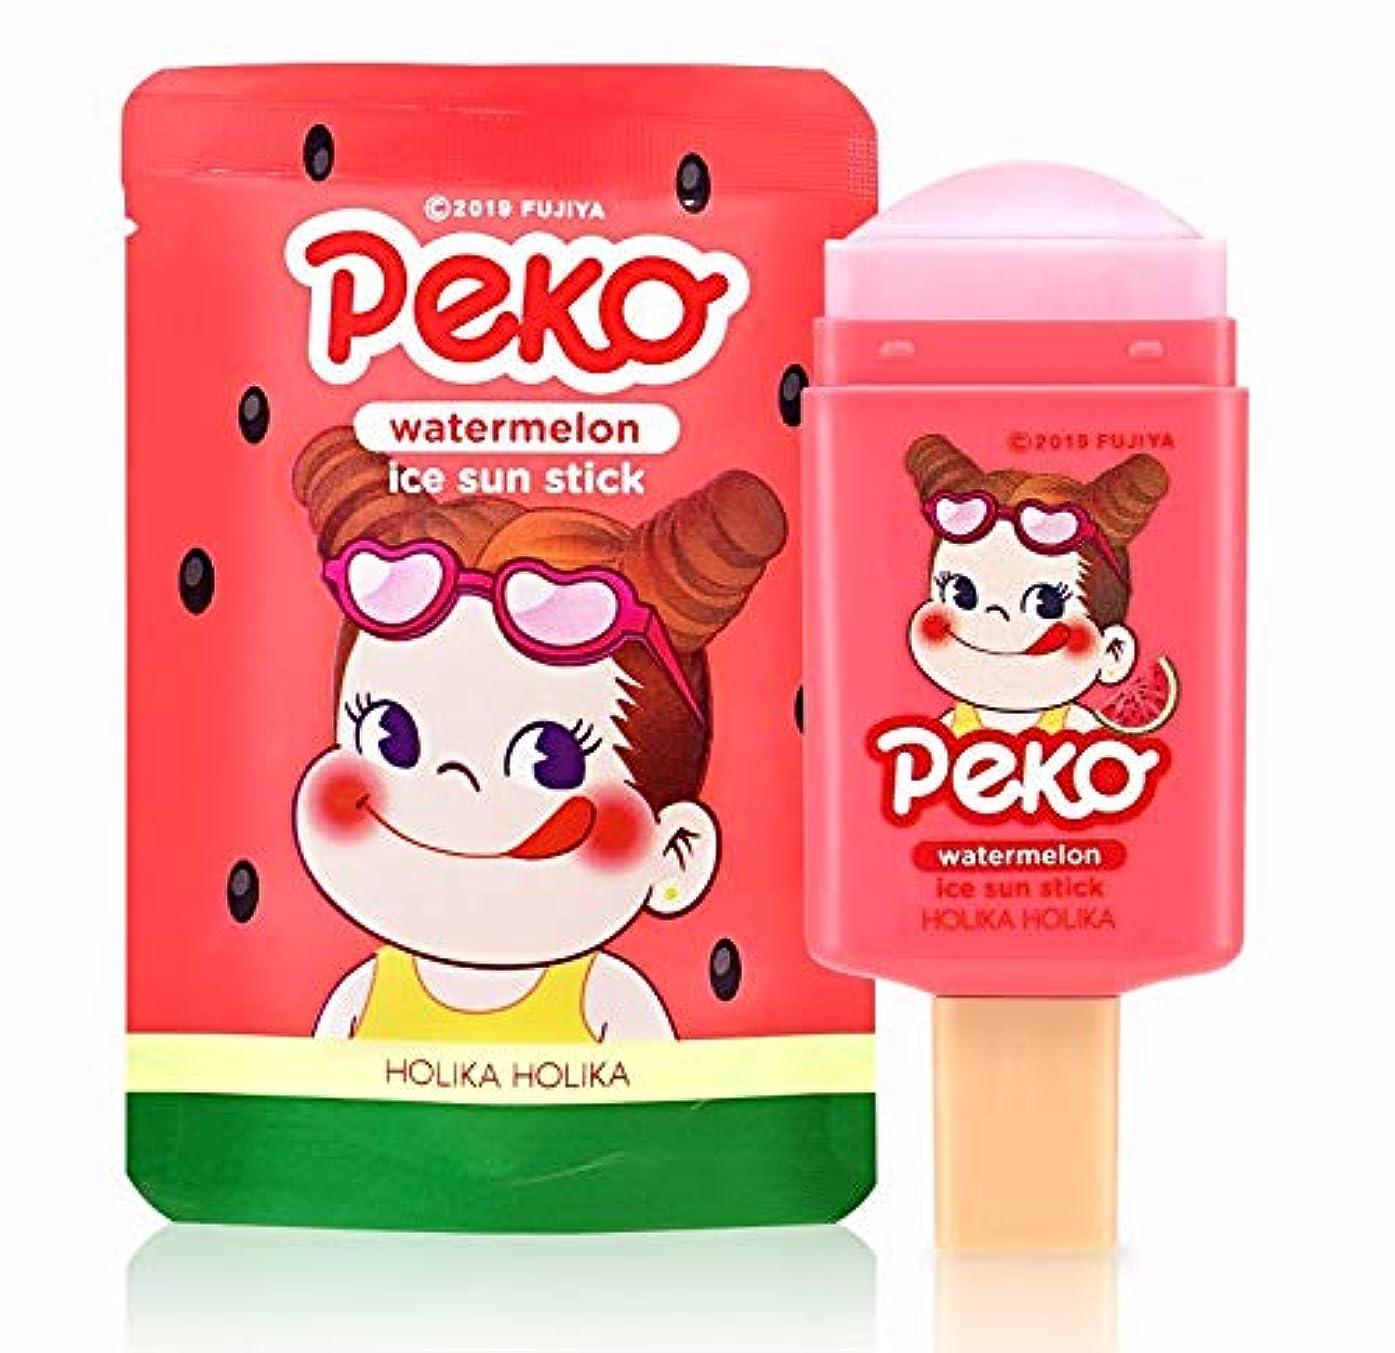 食べる推進力閃光ホリカホリカ [スイートペコエディション] スイカ アイス サン スティック 14g / Holika Holika [Sweet Peko Edition] Watermellon Ice Sun Stick SPF50...